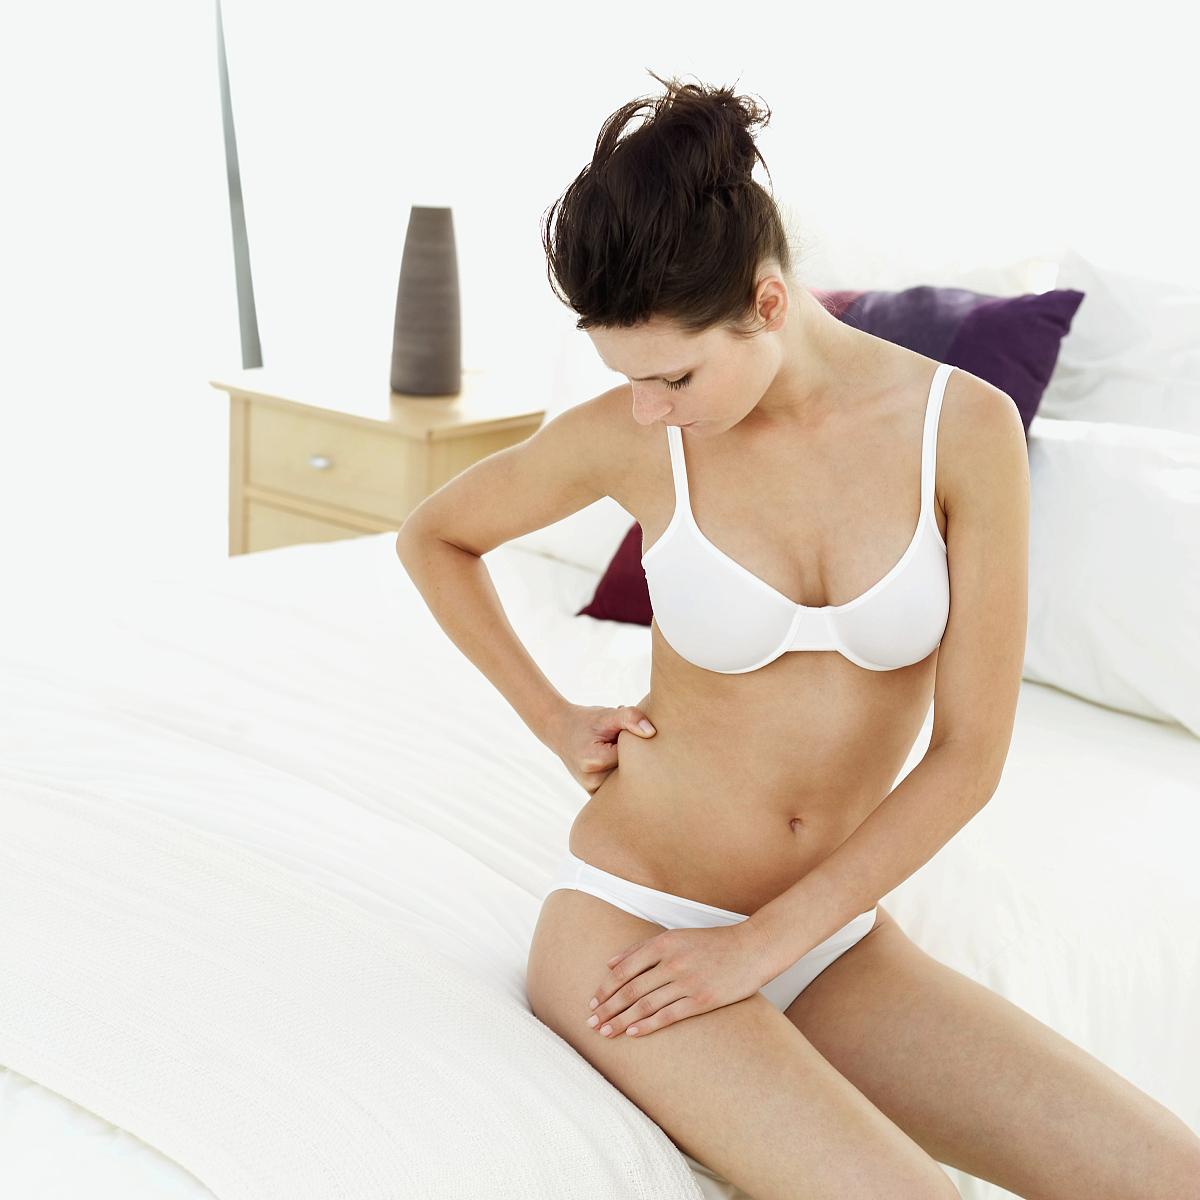 坐的_一个穿着内衣的年轻女子坐在床上,检查腰部的脂肪